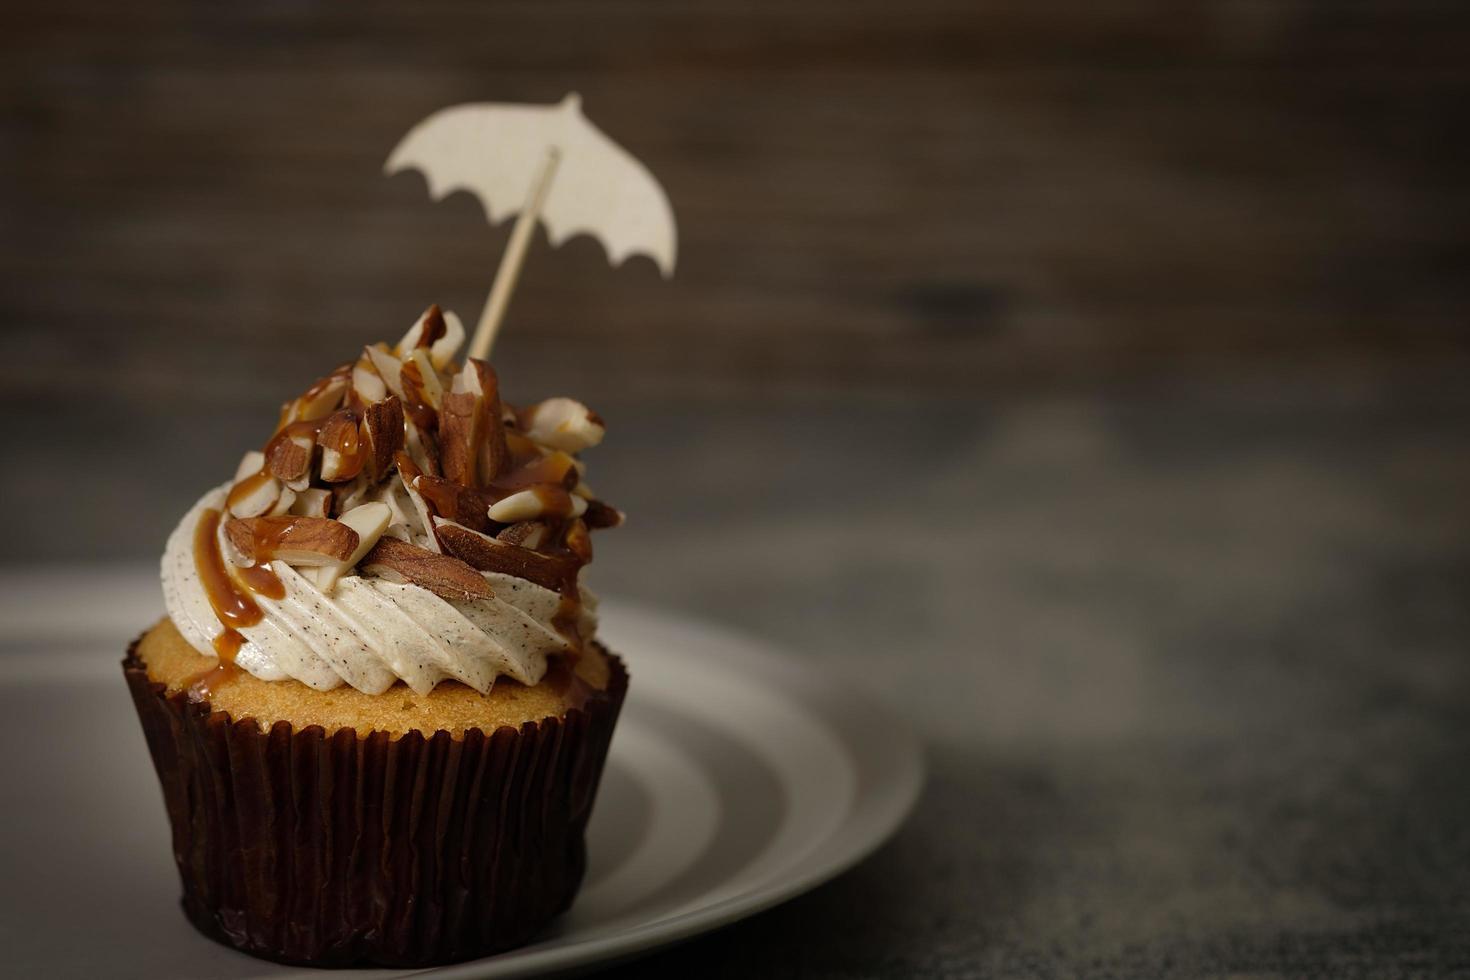 cupcake coberto com glacê, amêndoas e caramelo foto